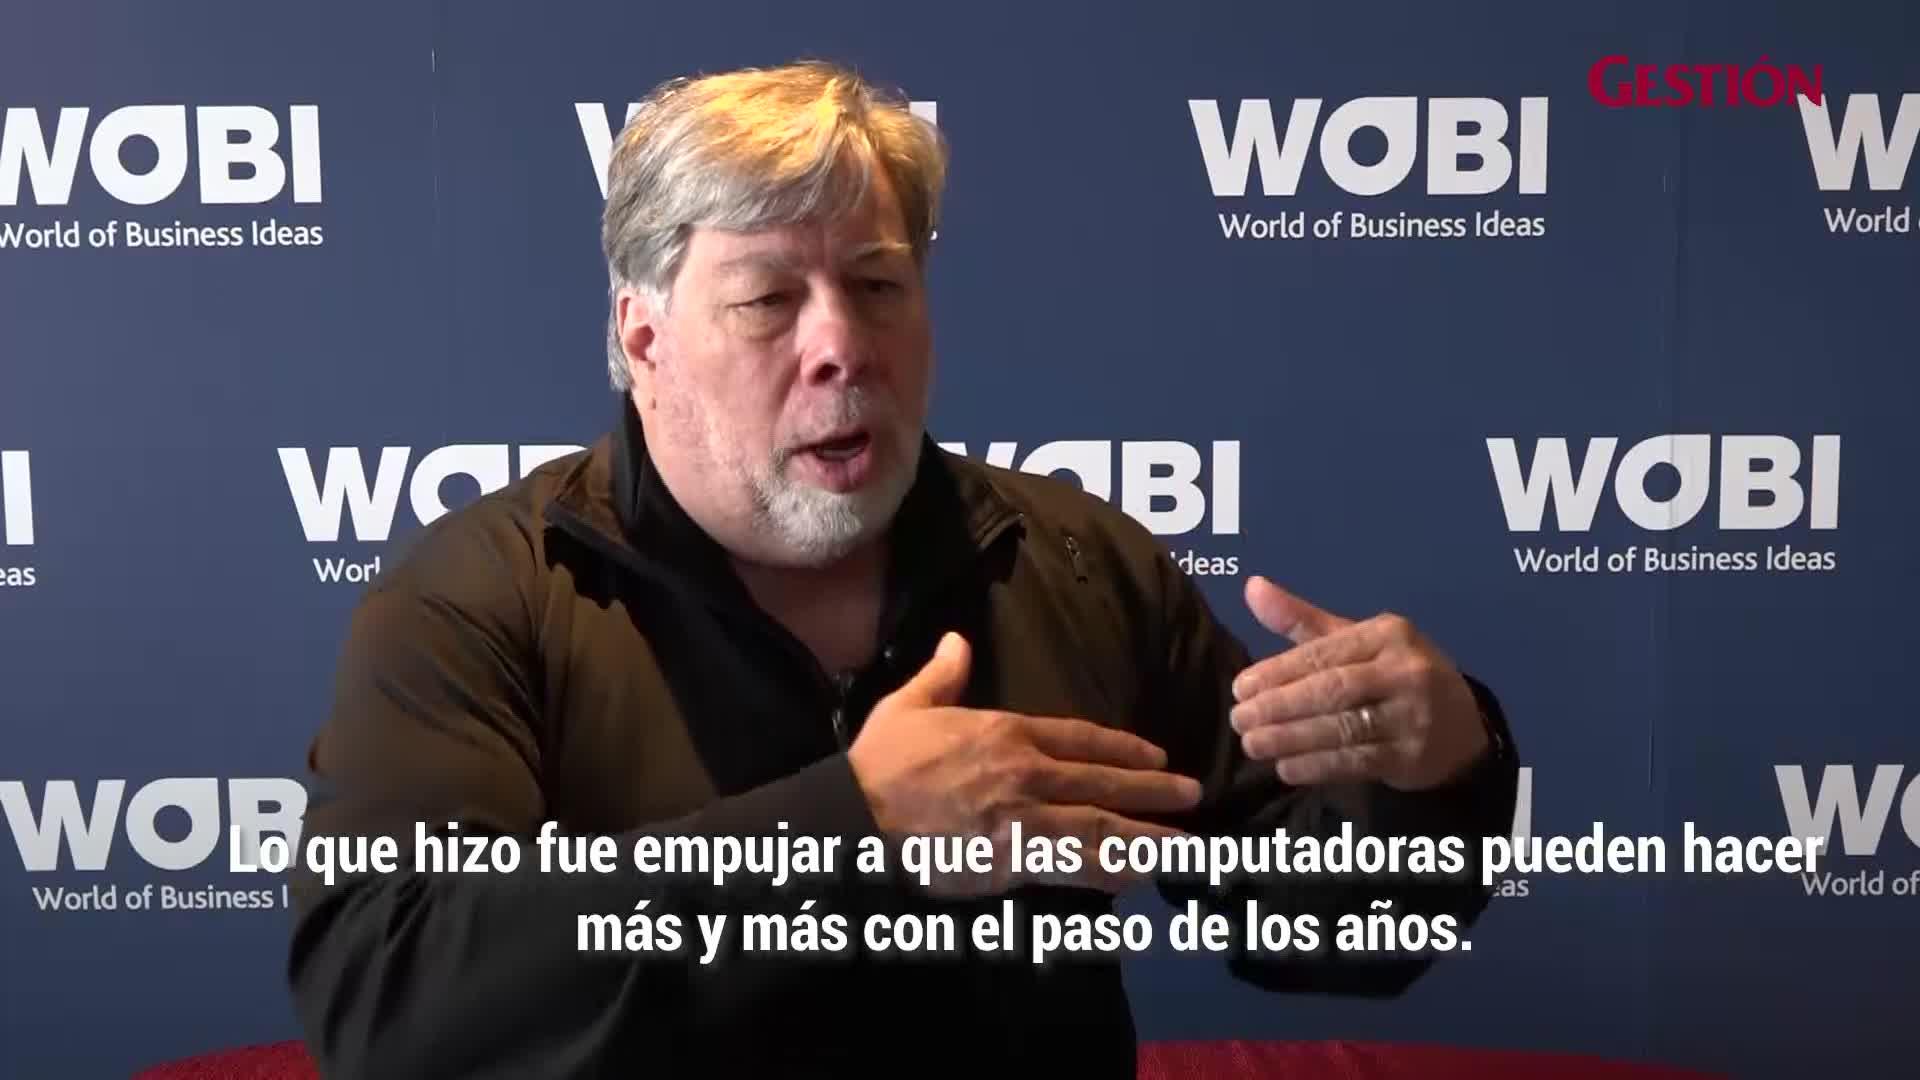 Steve Wozniak, cofundador de Apple, responde a Gestión sobre las nuevas tendencias en tecnologías disruptivas